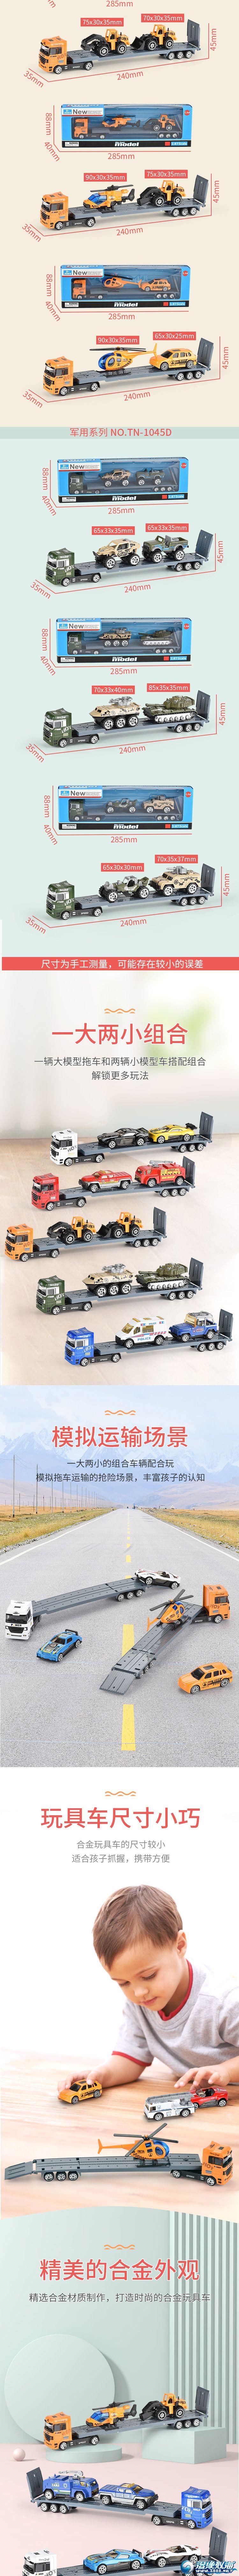 天纳玩具厂-(TN-1045)-合金车模型-中文详情页_02.jpg